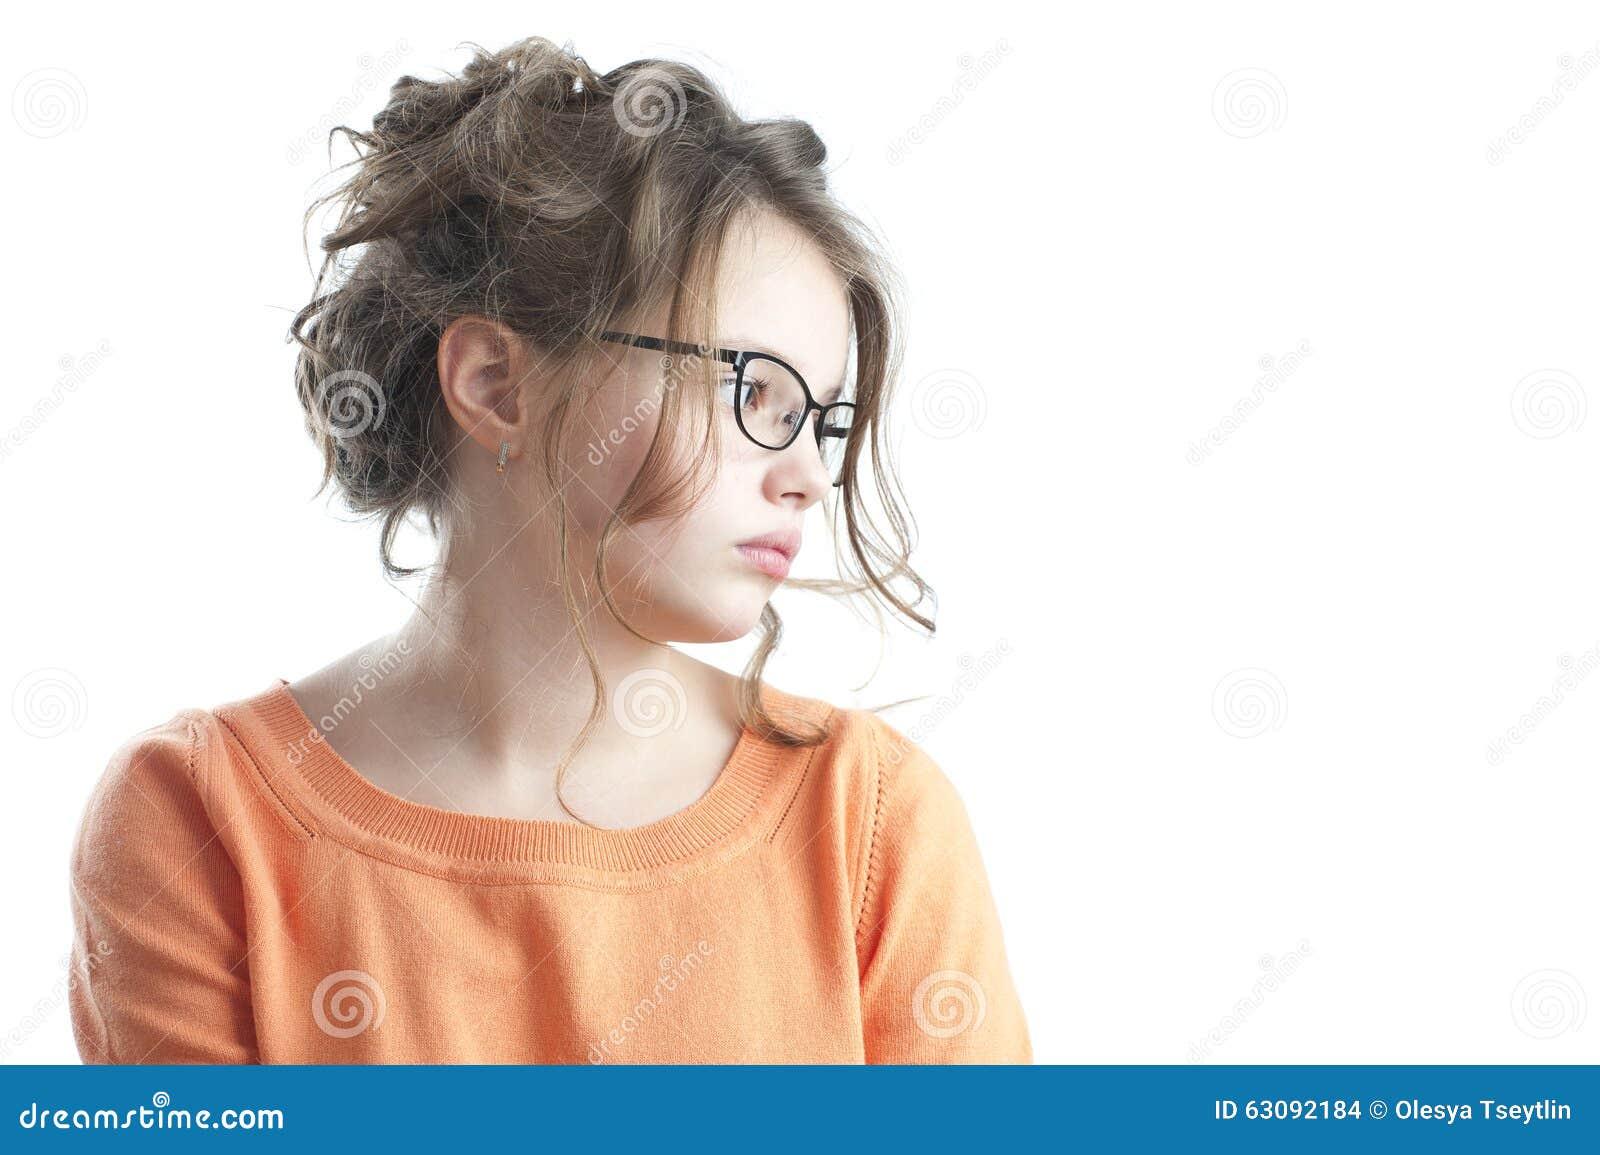 Ritratto di una ragazza graziosa che guarda al lato - Colorazione immagine di una ragazza ...